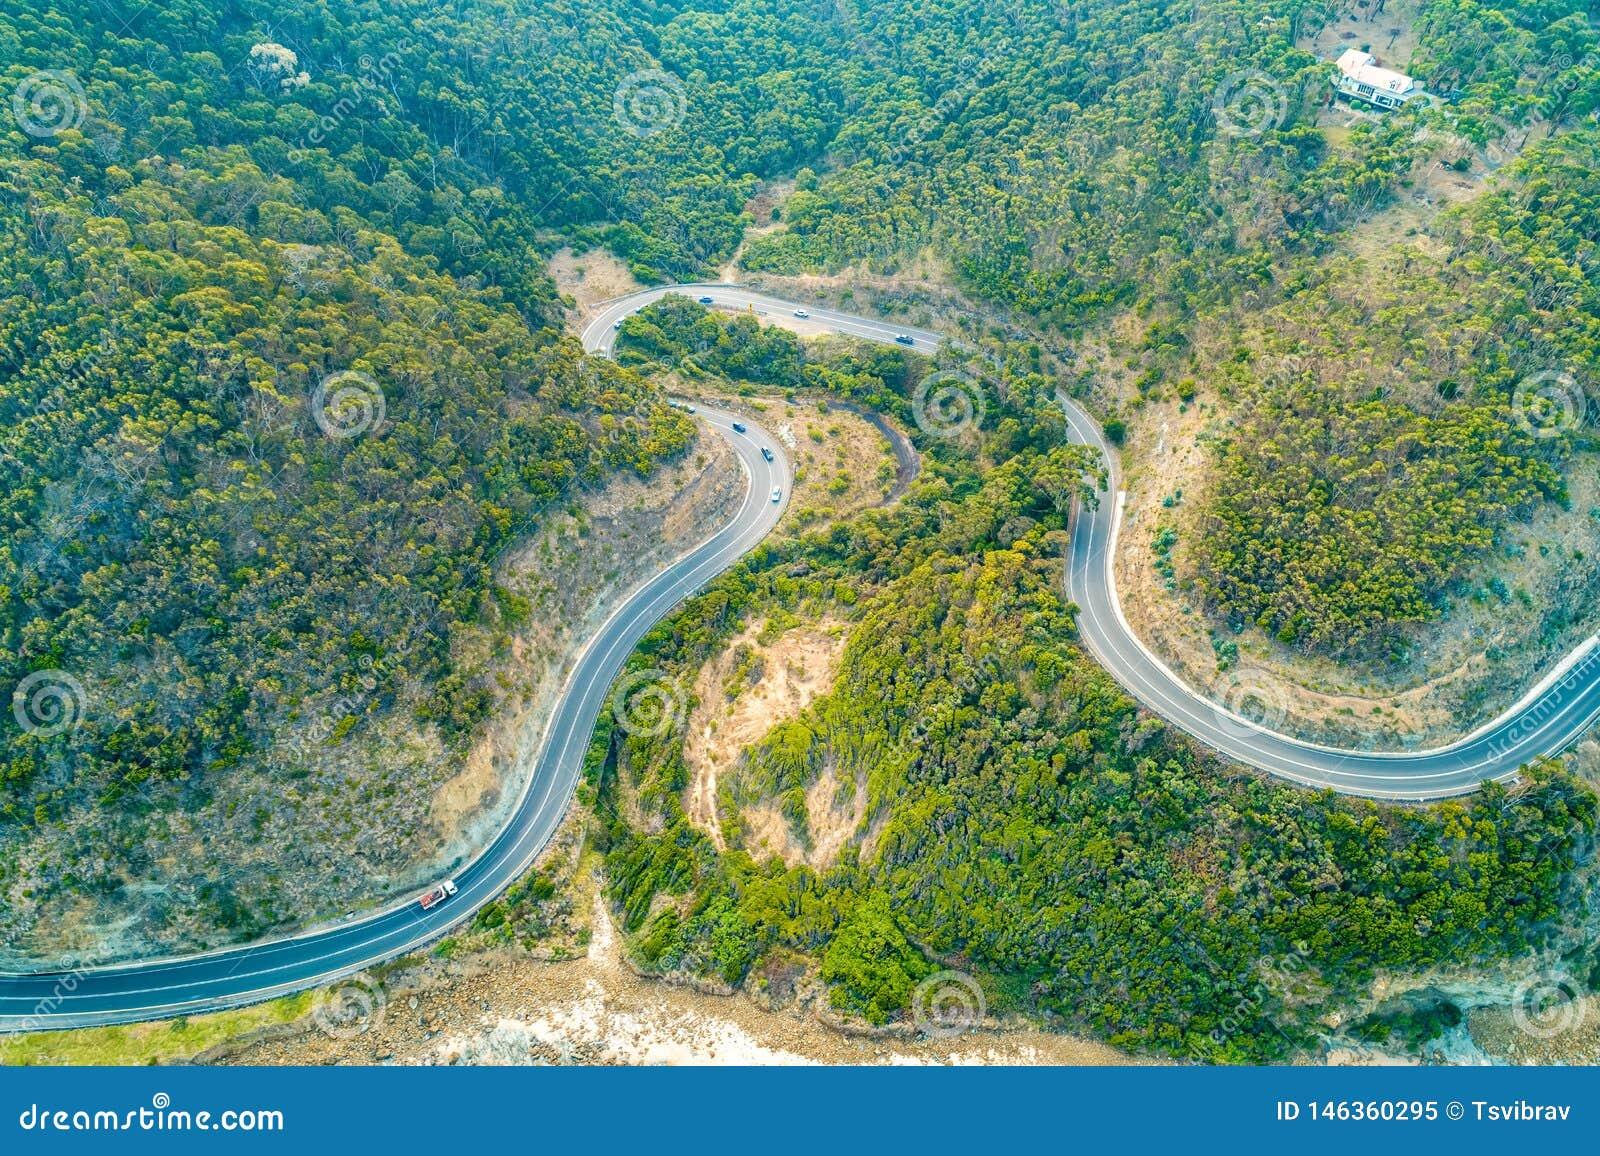 Condução de carros através das curvaturas da grande estrada do oceano